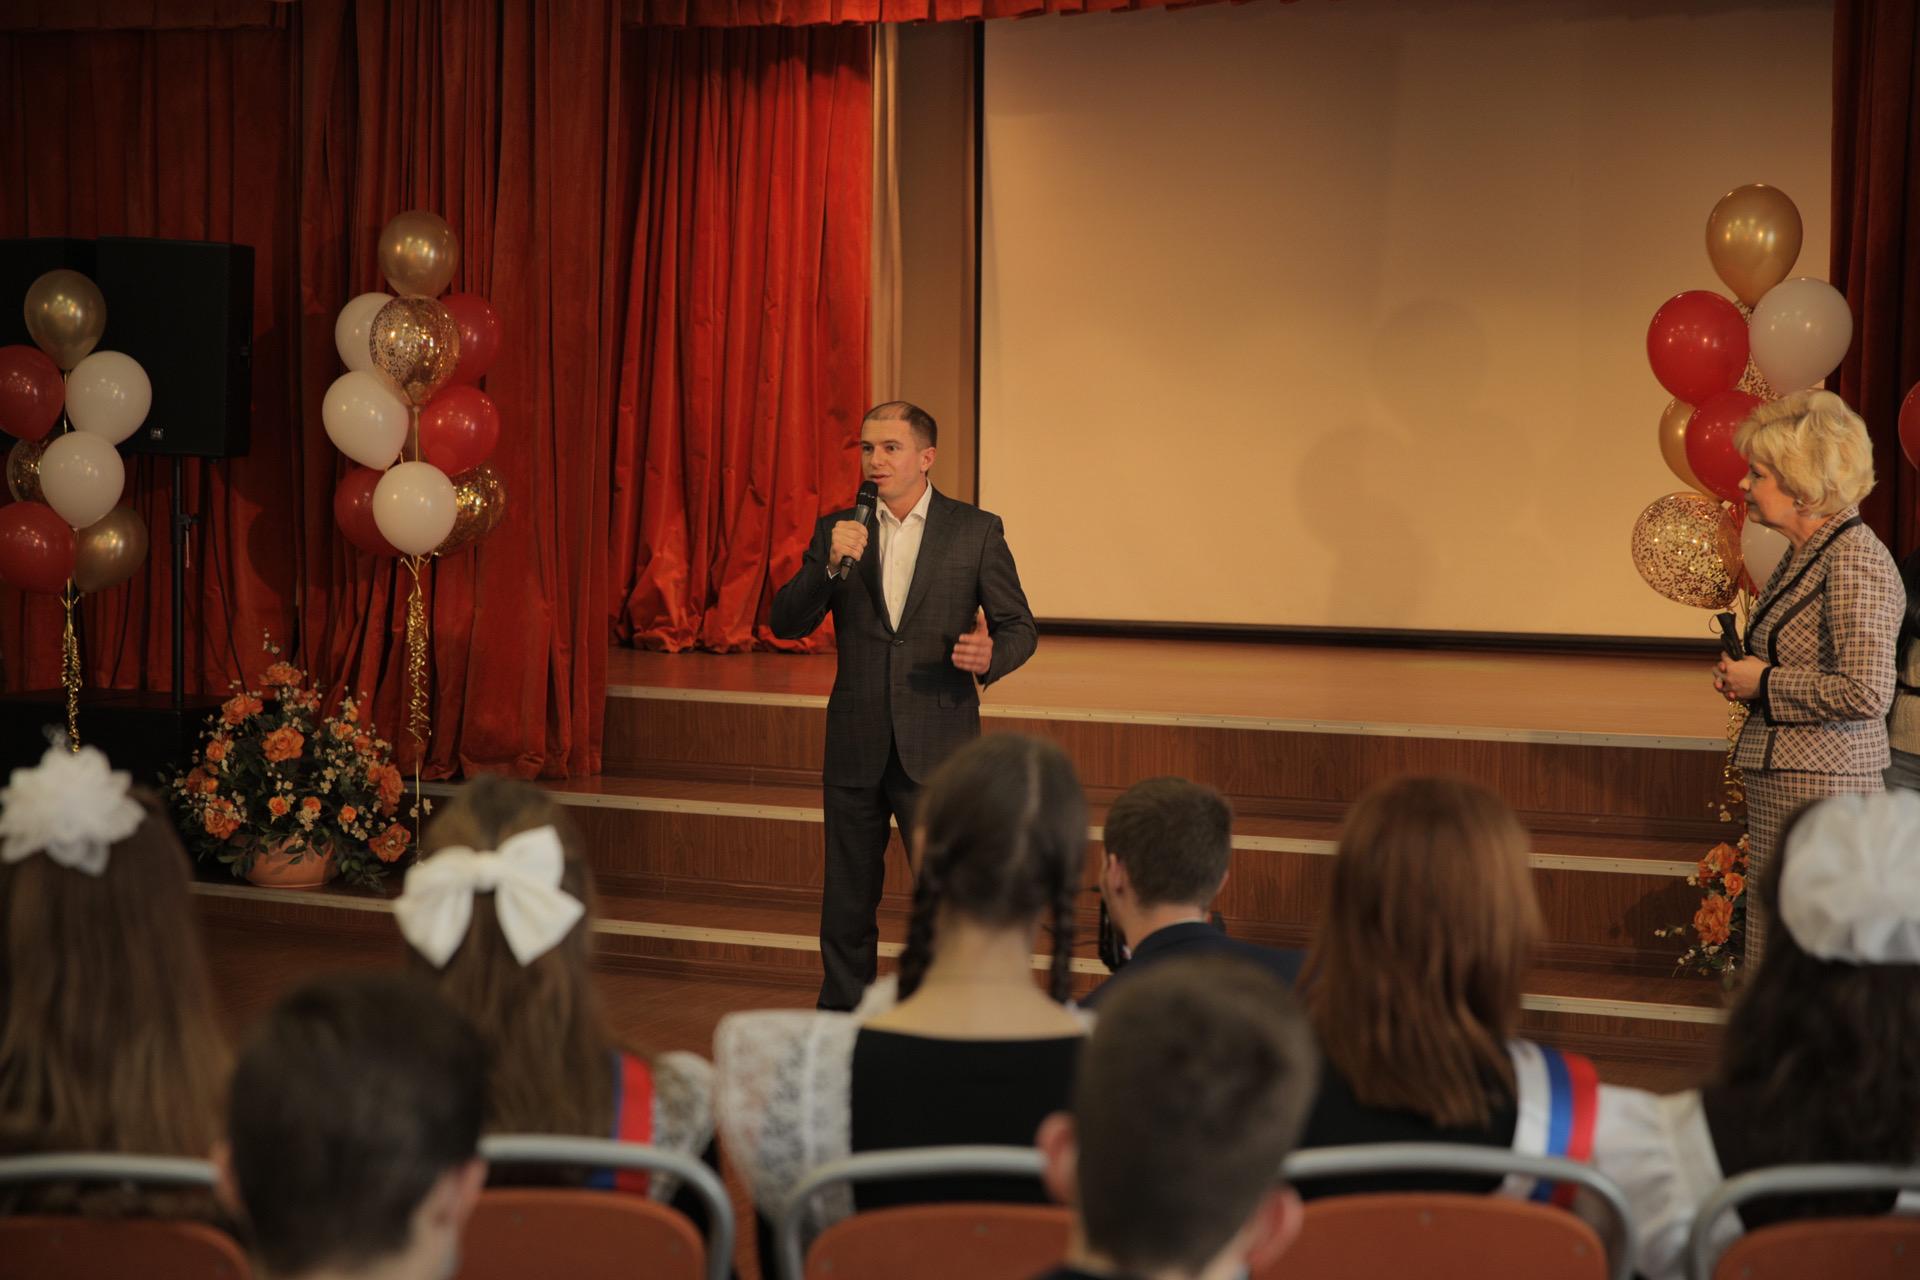 Михаил Романов поздравил выпускников 2021 года ГБОУ СОШ №328 с углублённым изучением английского языка Невского района Санкт-Петербурга с последним звонком